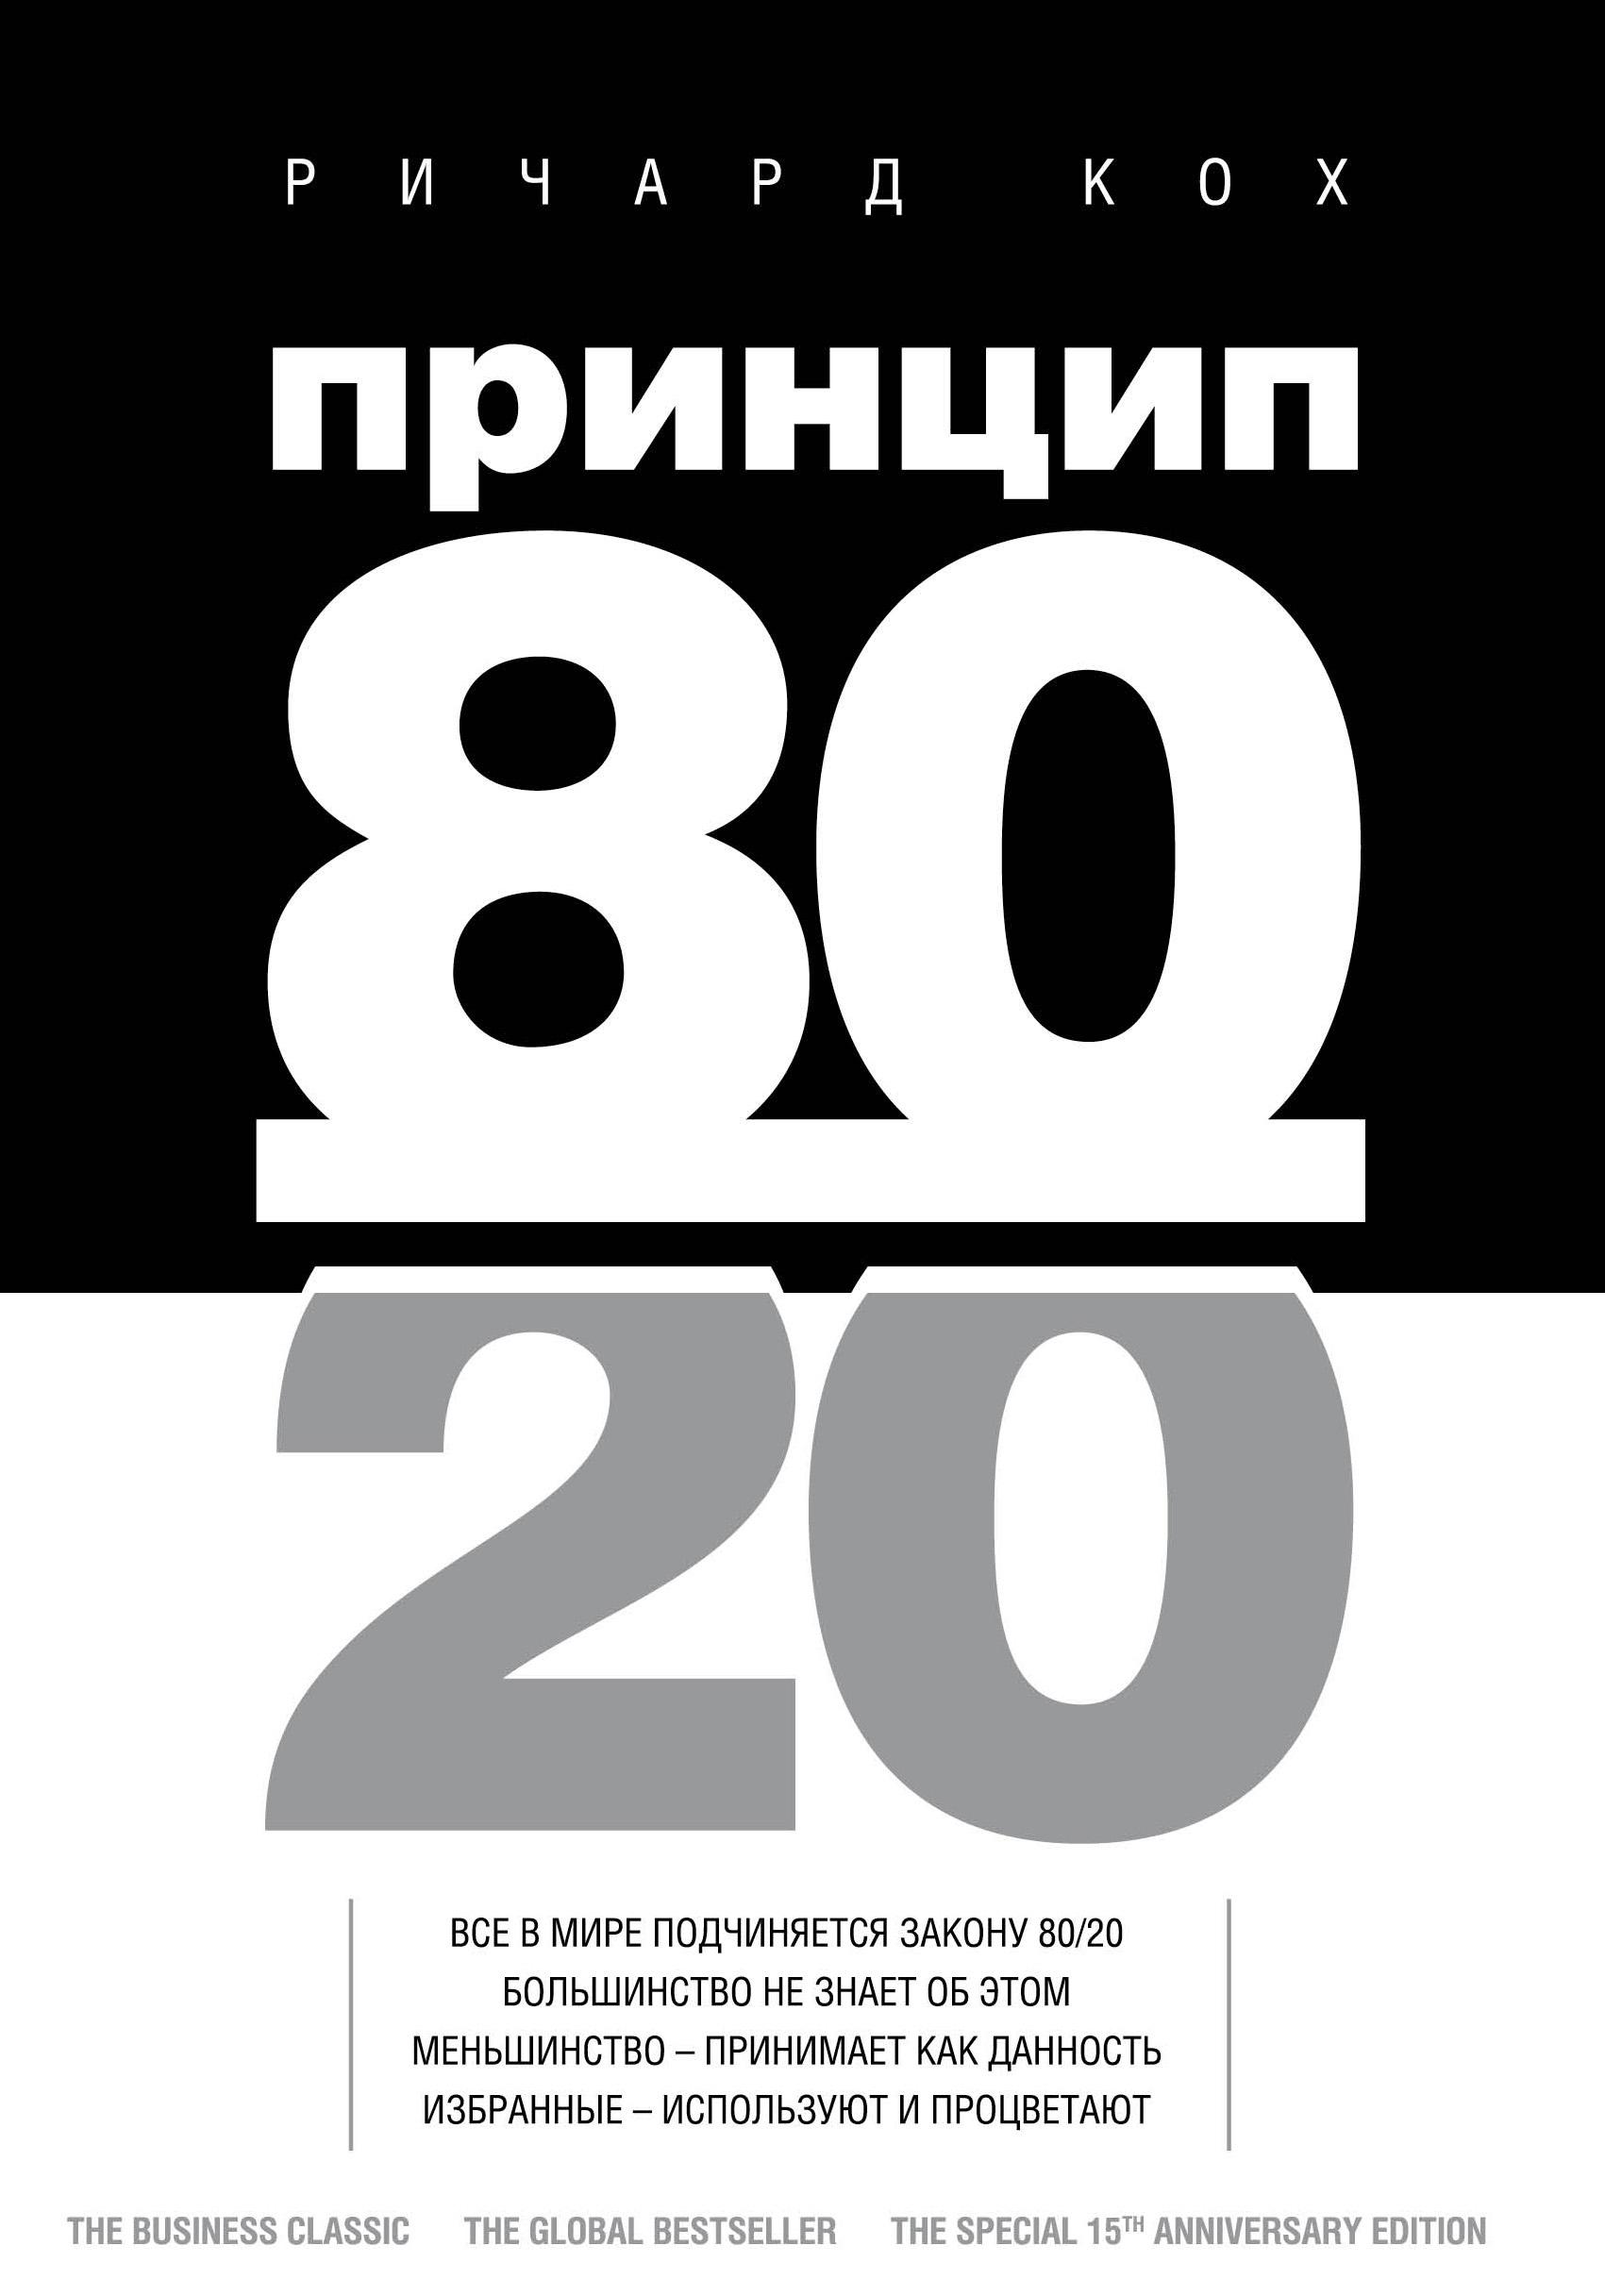 b7d269a56769 Ричард Кох, Принцип 80 20 – читать онлайн полностью – ЛитРес